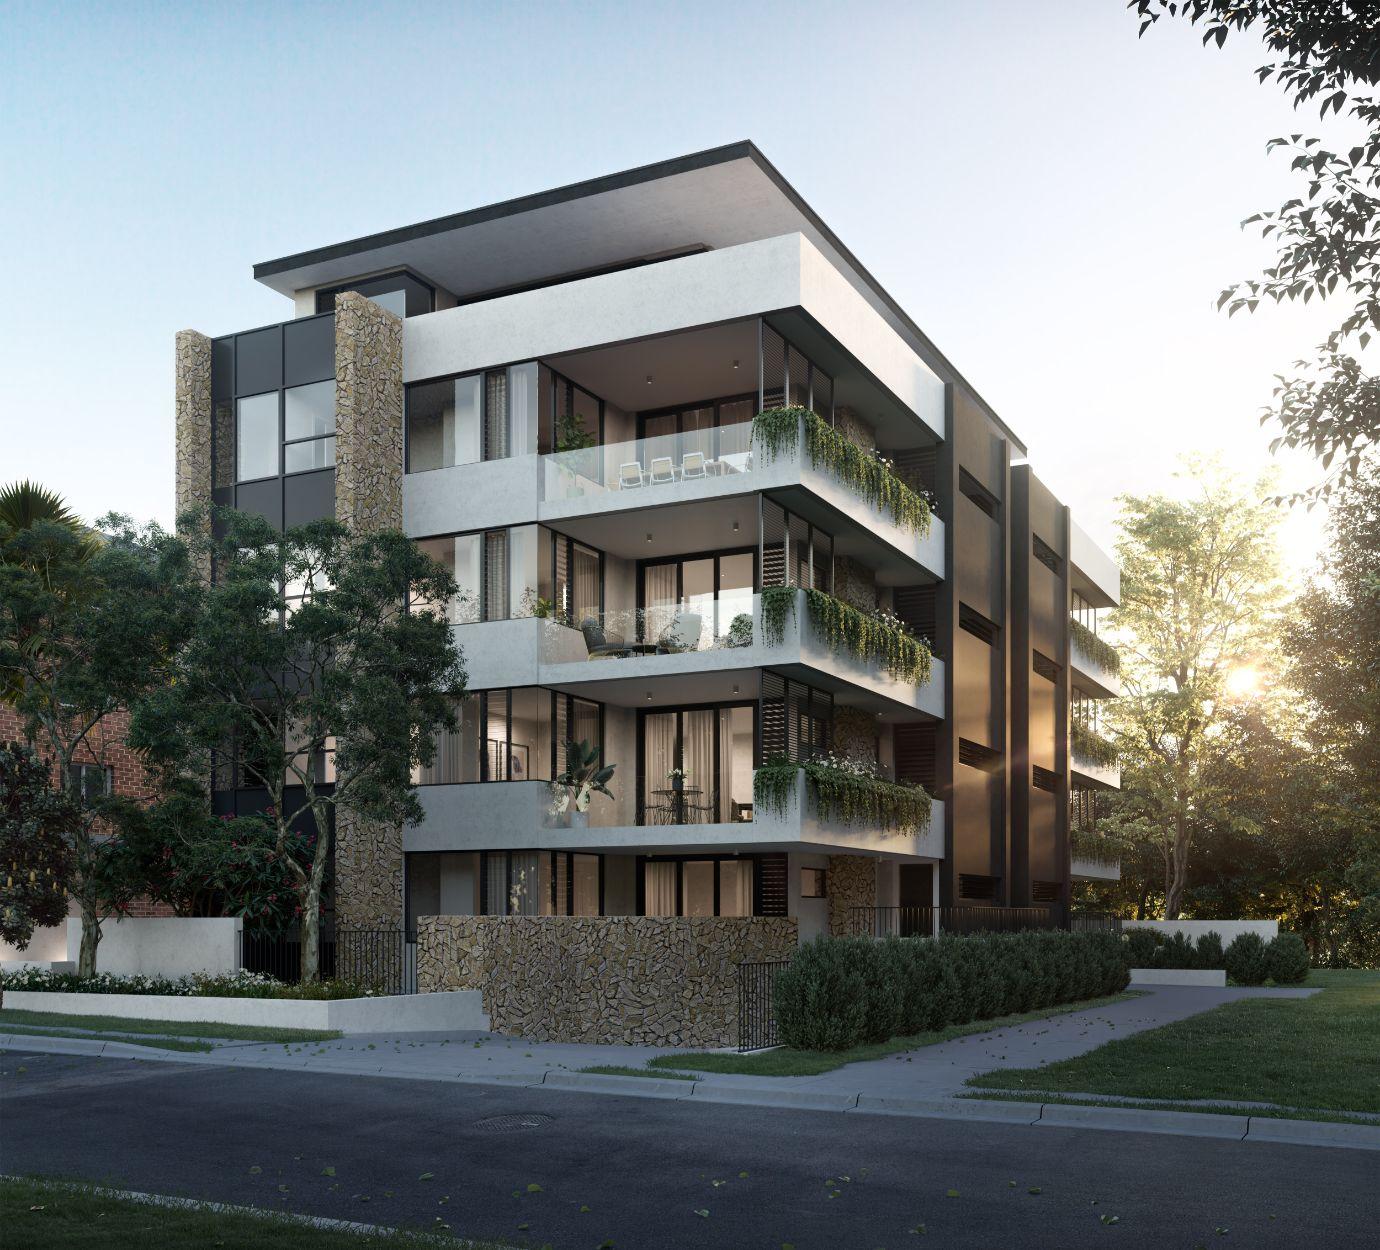 Omnia Cronulla apartments exterior CGI